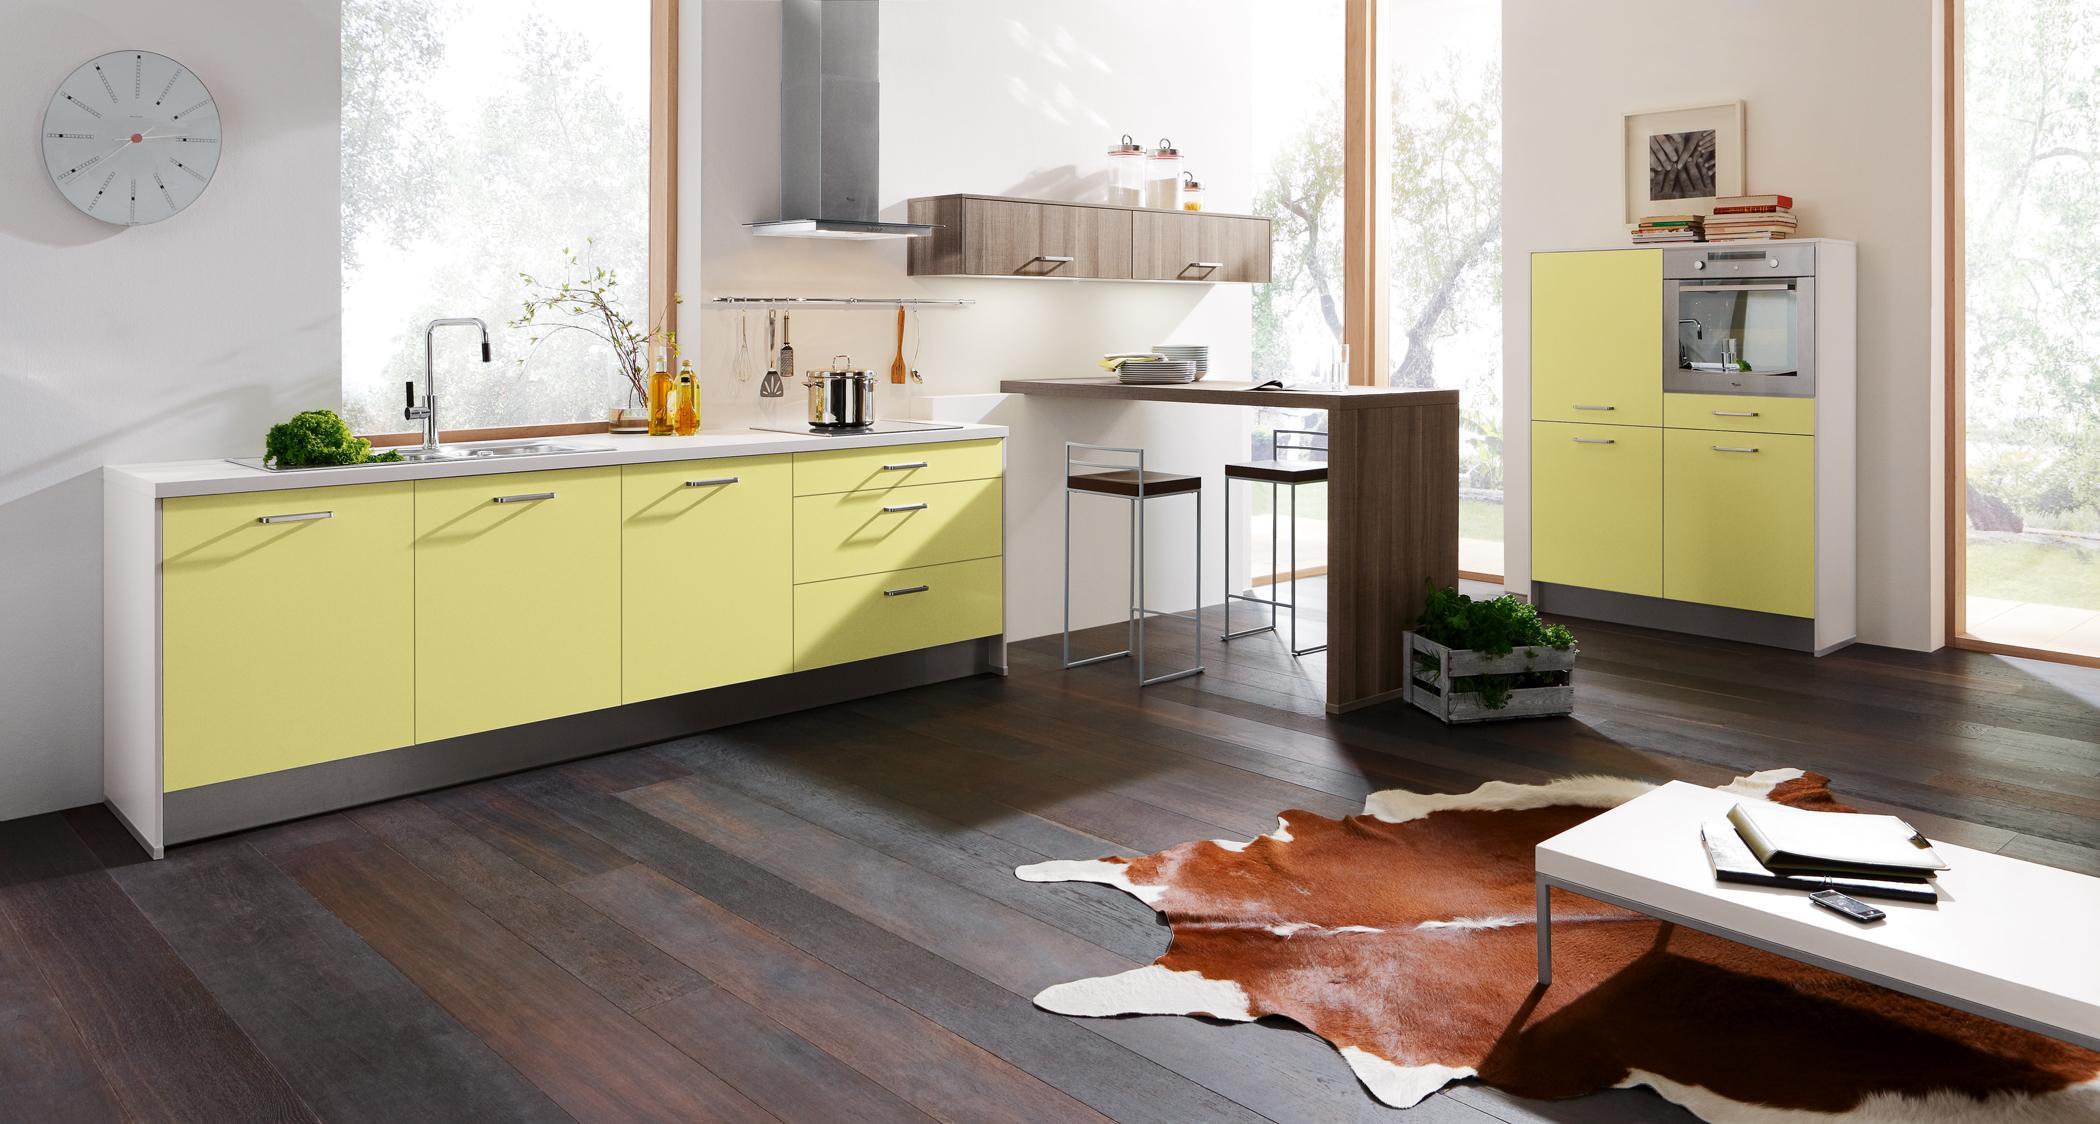 Bunte Küche • Bilder & Ideen • COUCHstyle